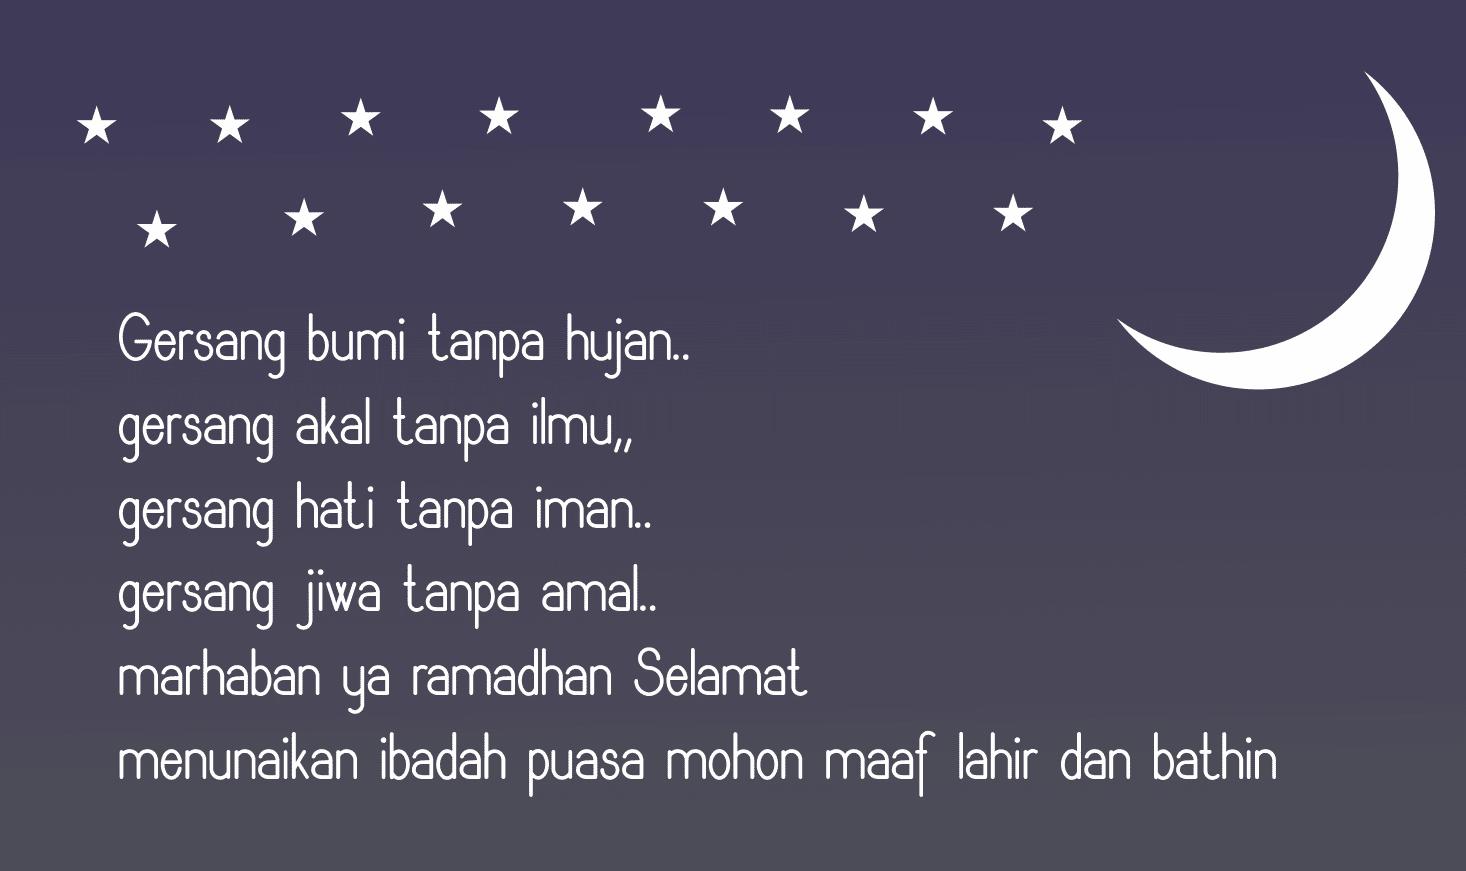 Kalimat Mutiara Ucapan Maaf Menjelang Puasa Ramadhan